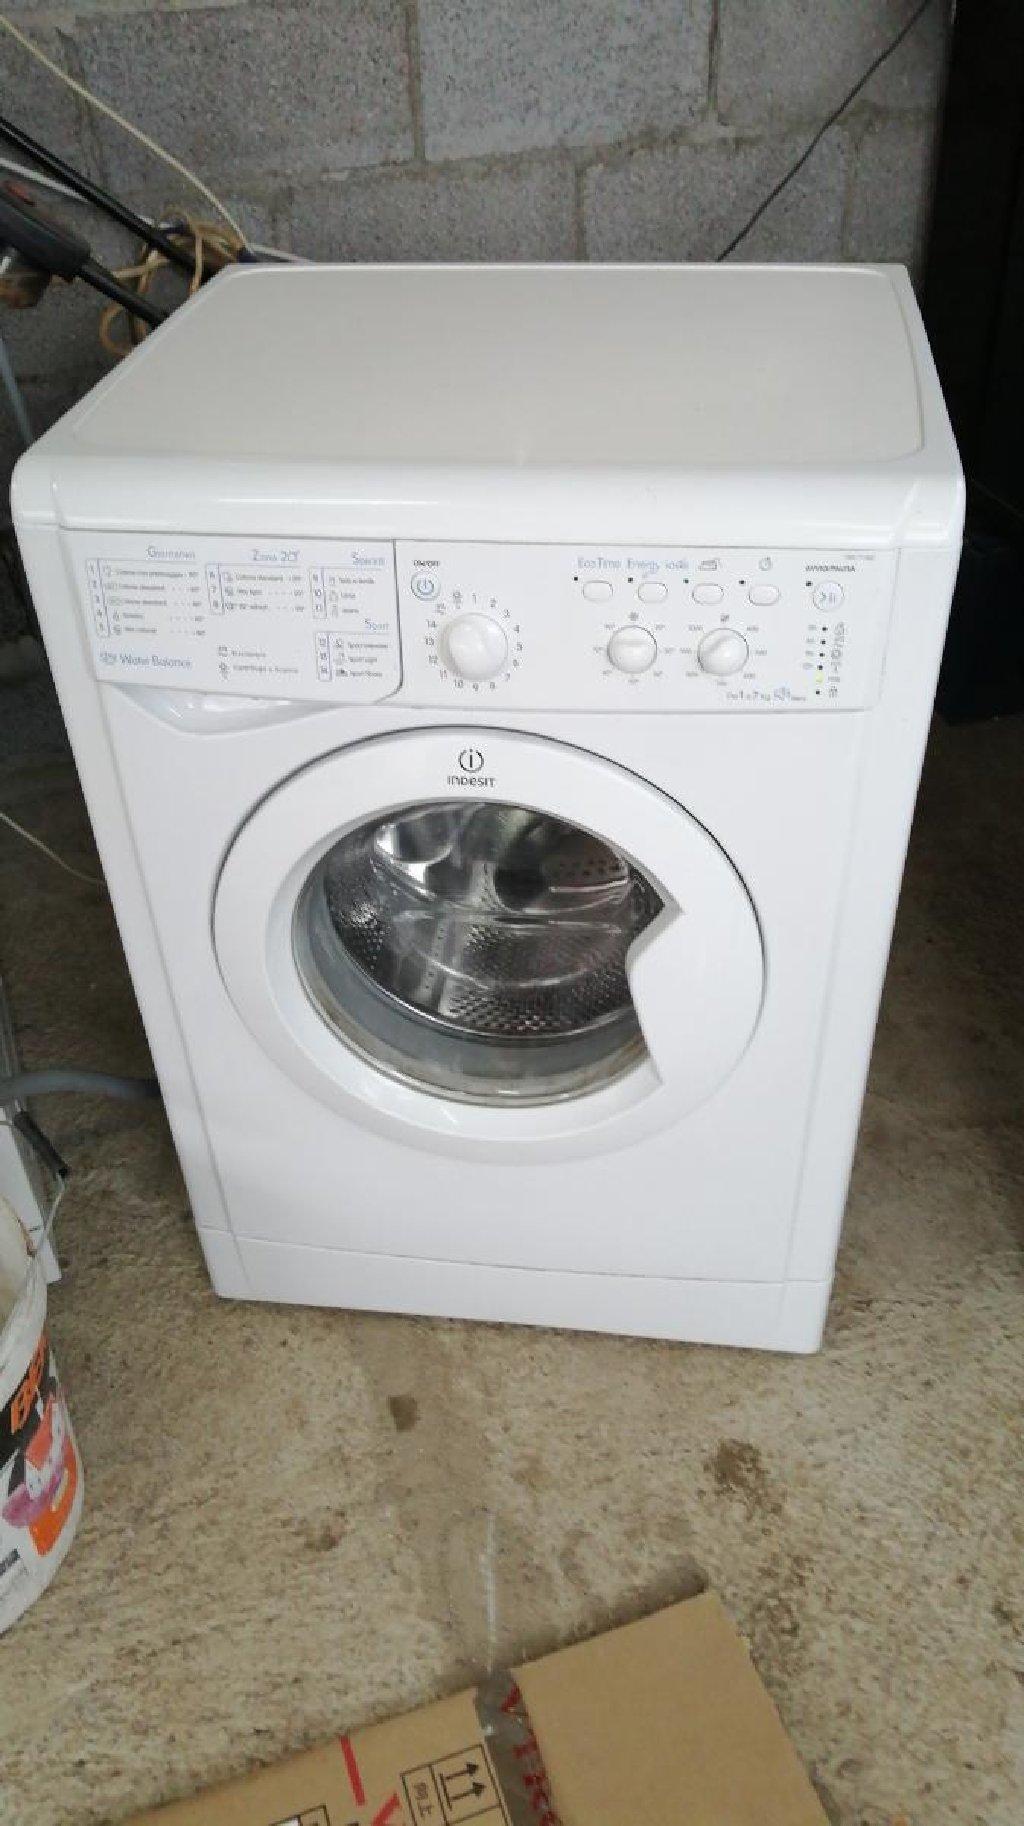 Frontalno Mašina za pranje Indesit 7 kg